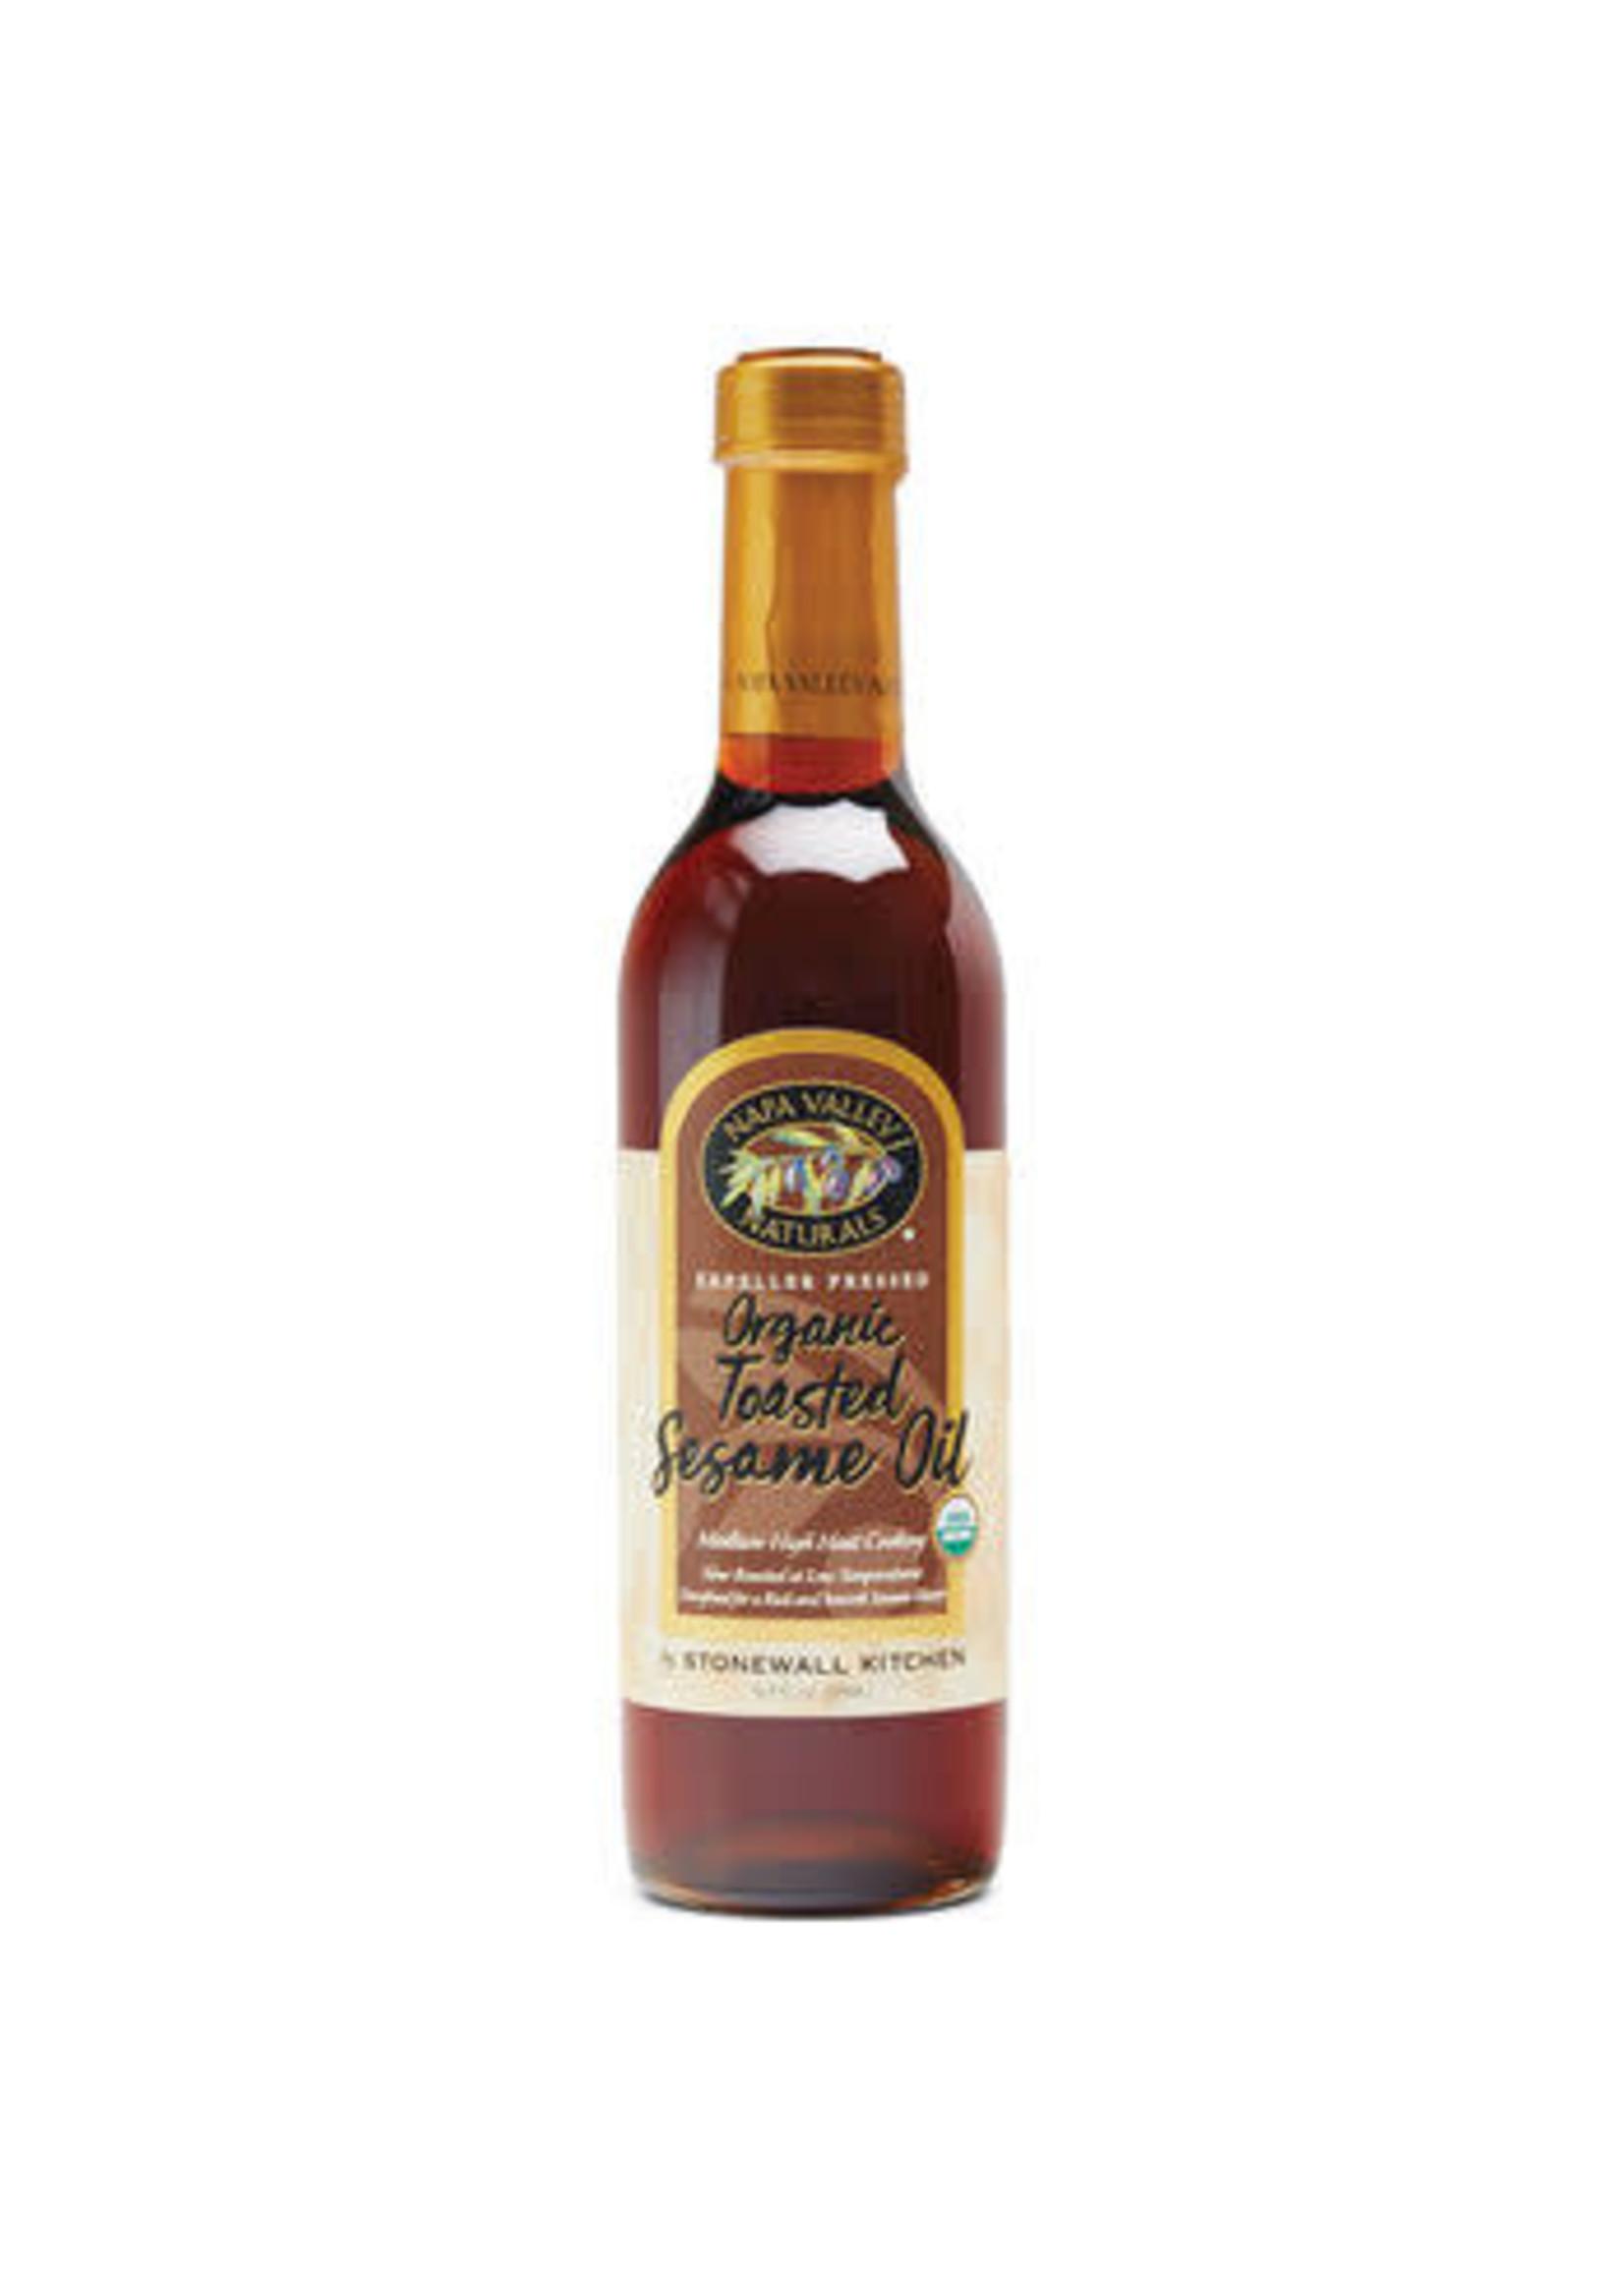 Stonewall Kitchen Organic Toasted Sesame Oil